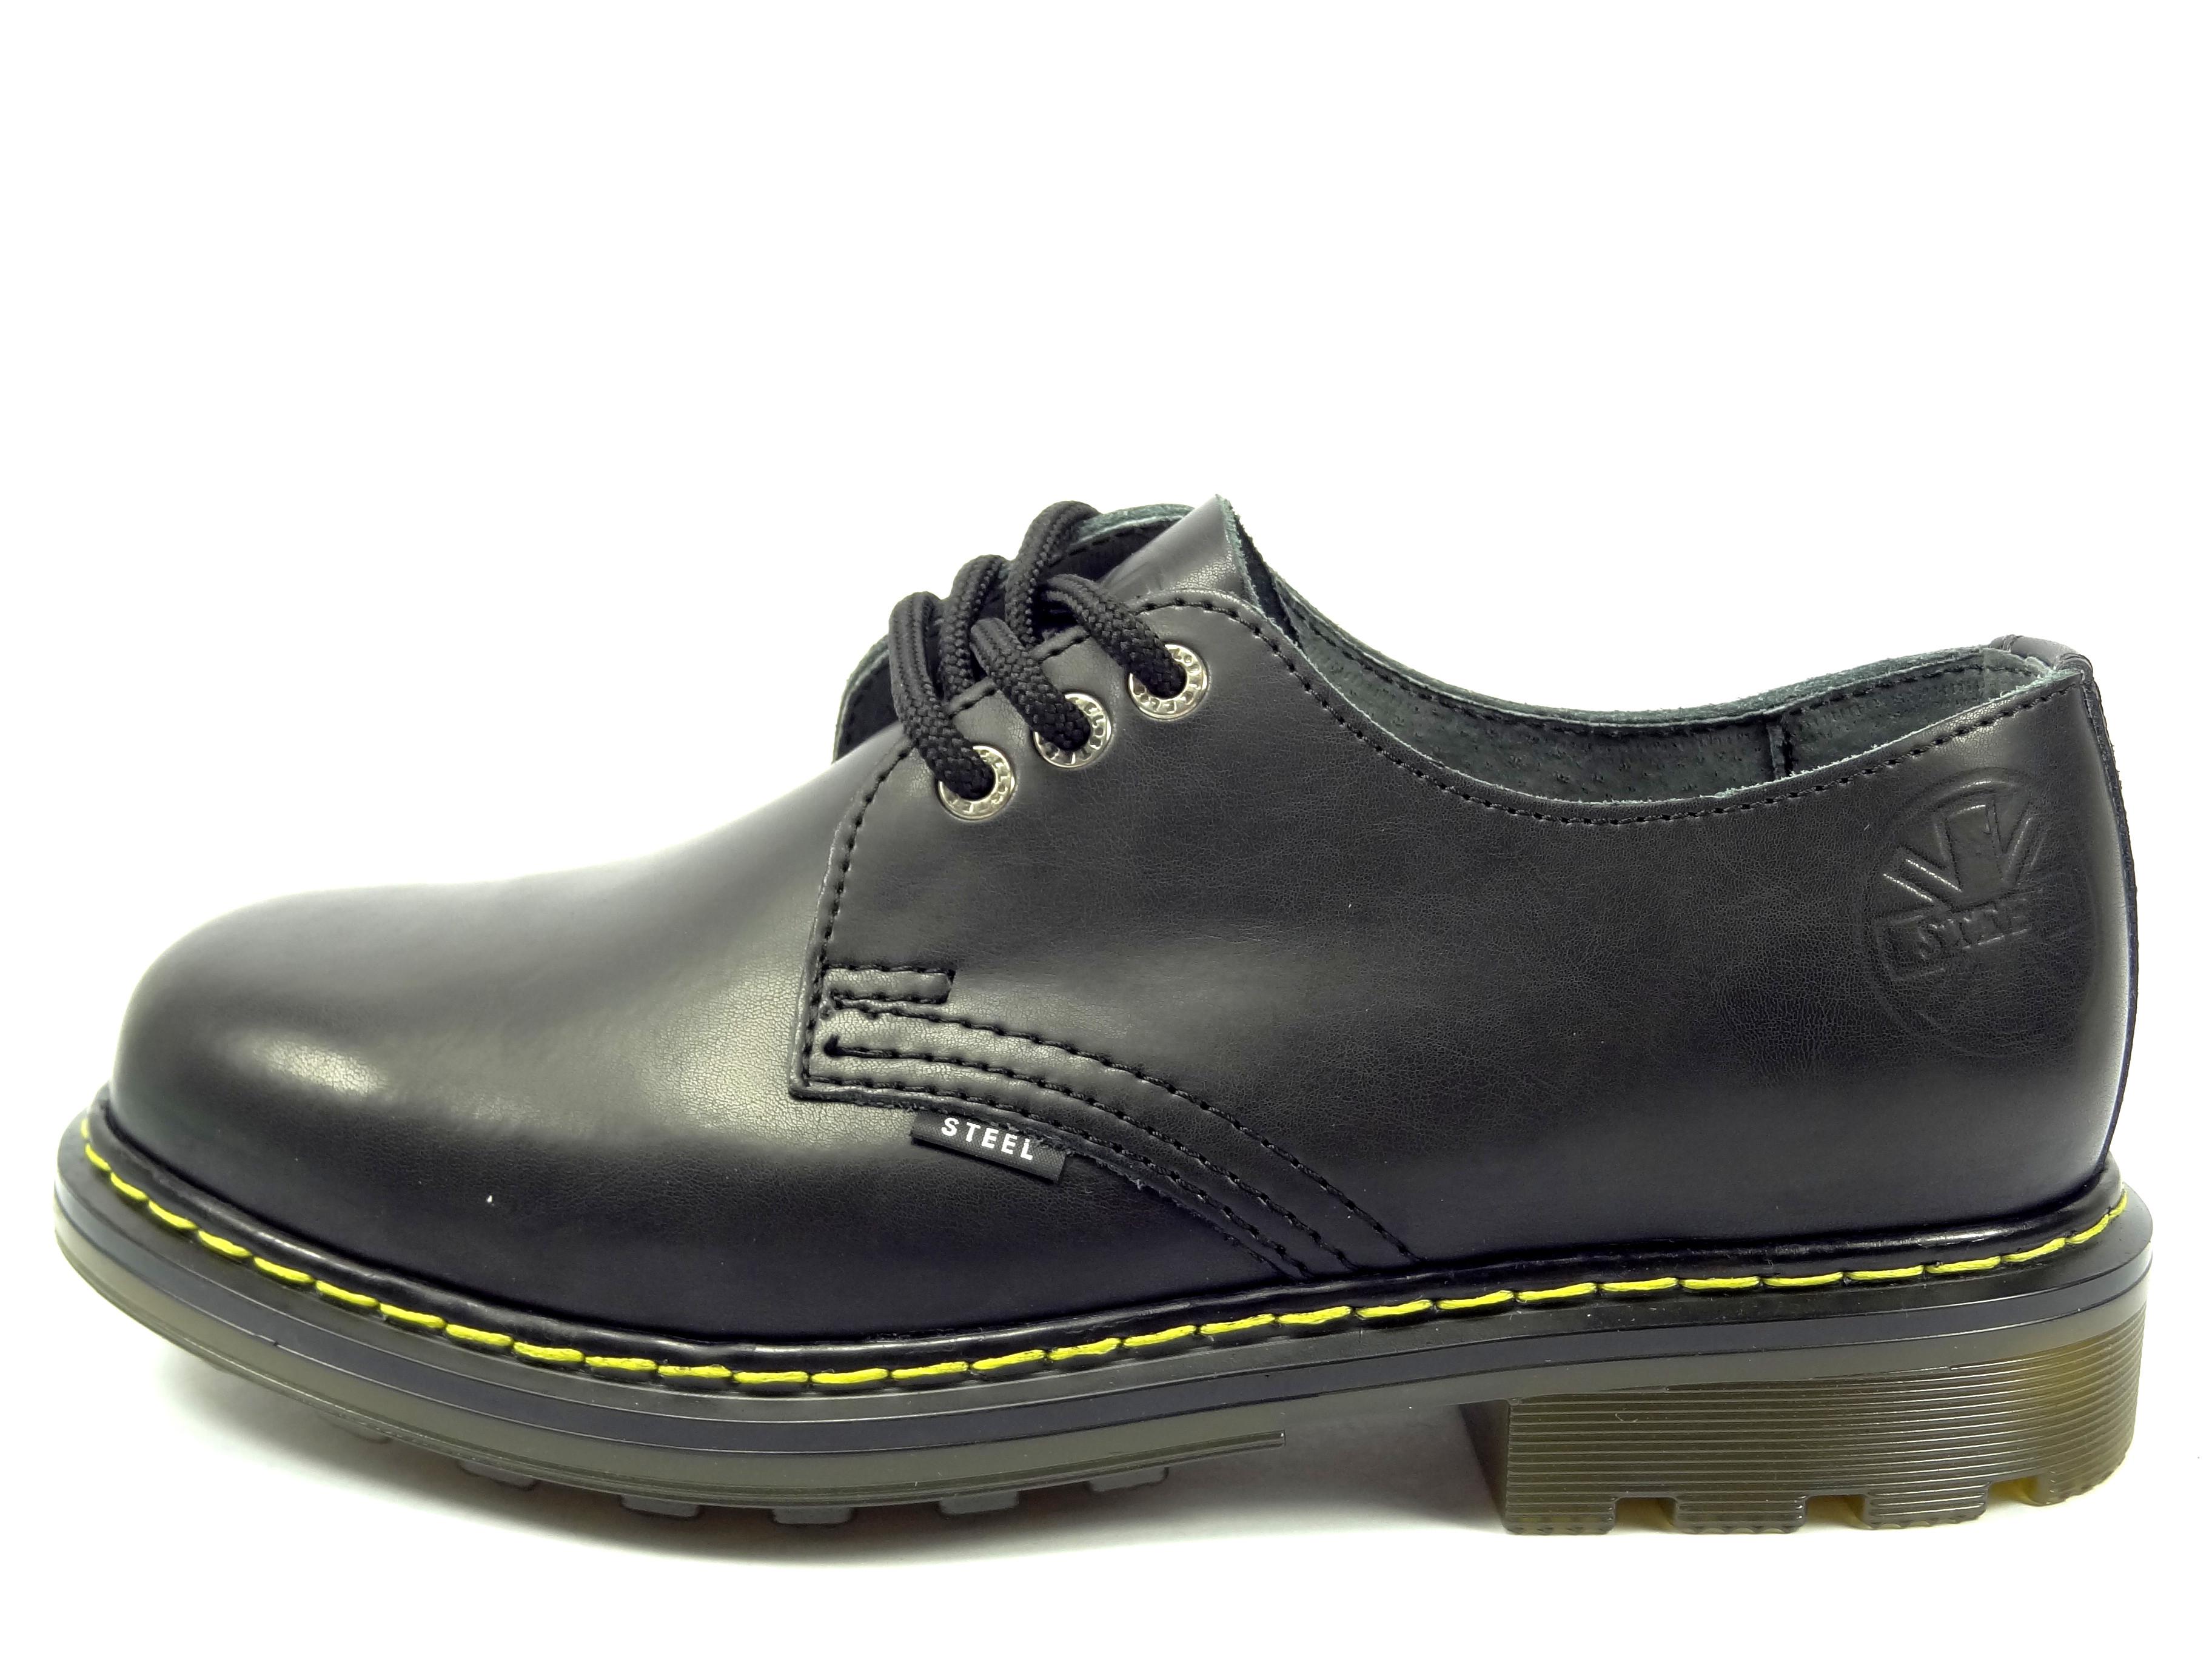 Steel boty 3 dírkové černé - hladká bezocelová špička 7b1bc5bf76